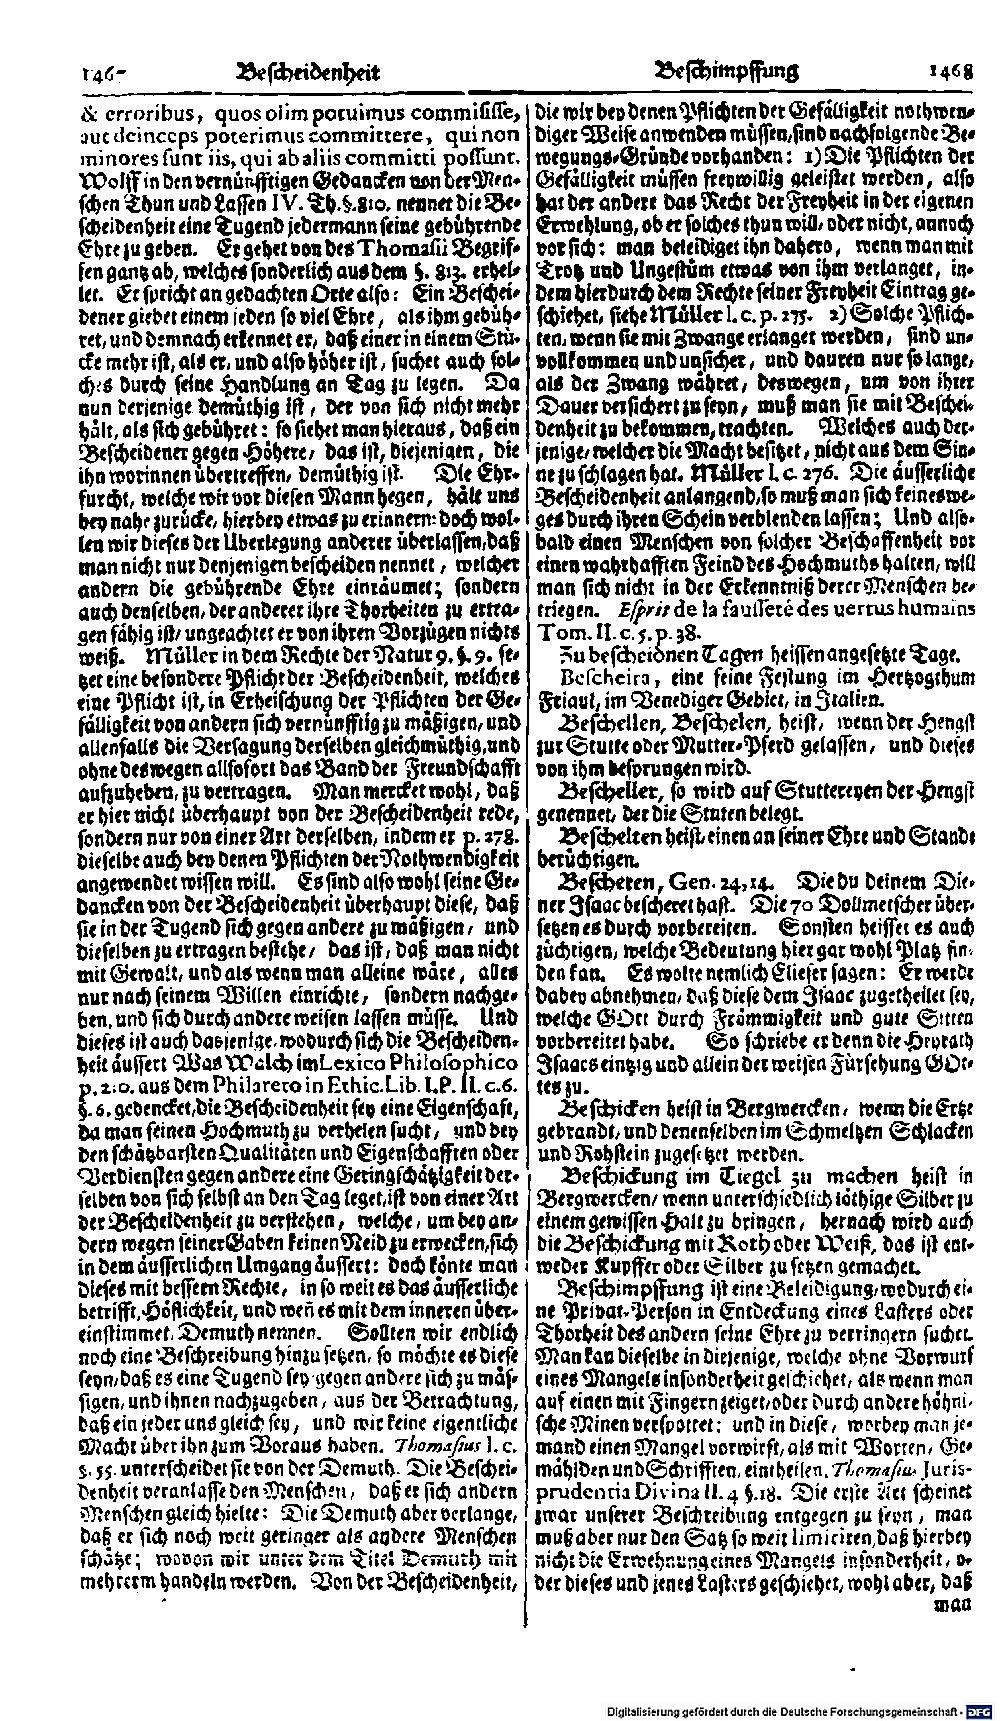 Bd. 03, Seite 0749.